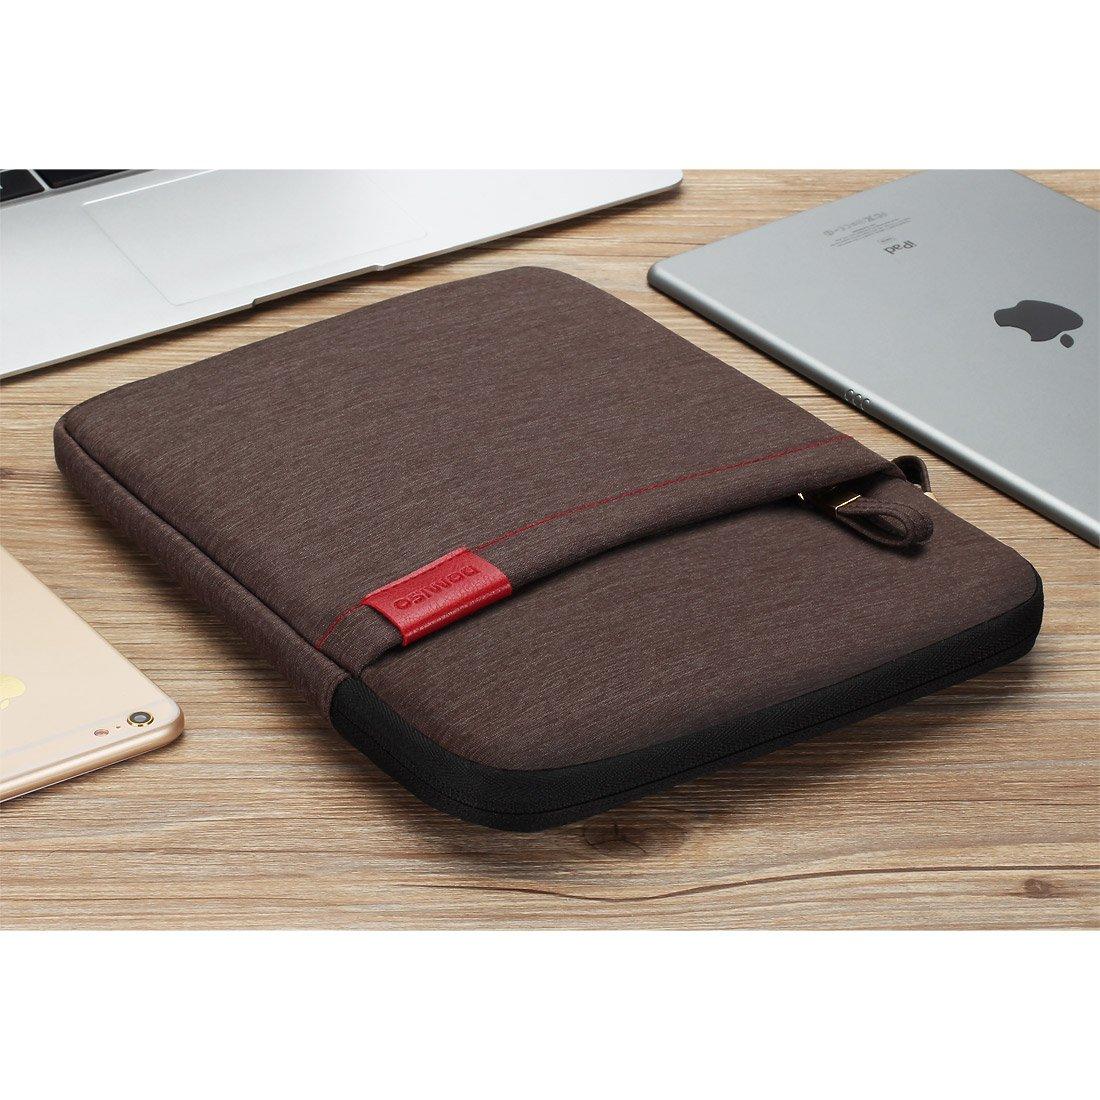 domiso funda para tablet resistente al agua funda bolsa protectora gris 8 inch